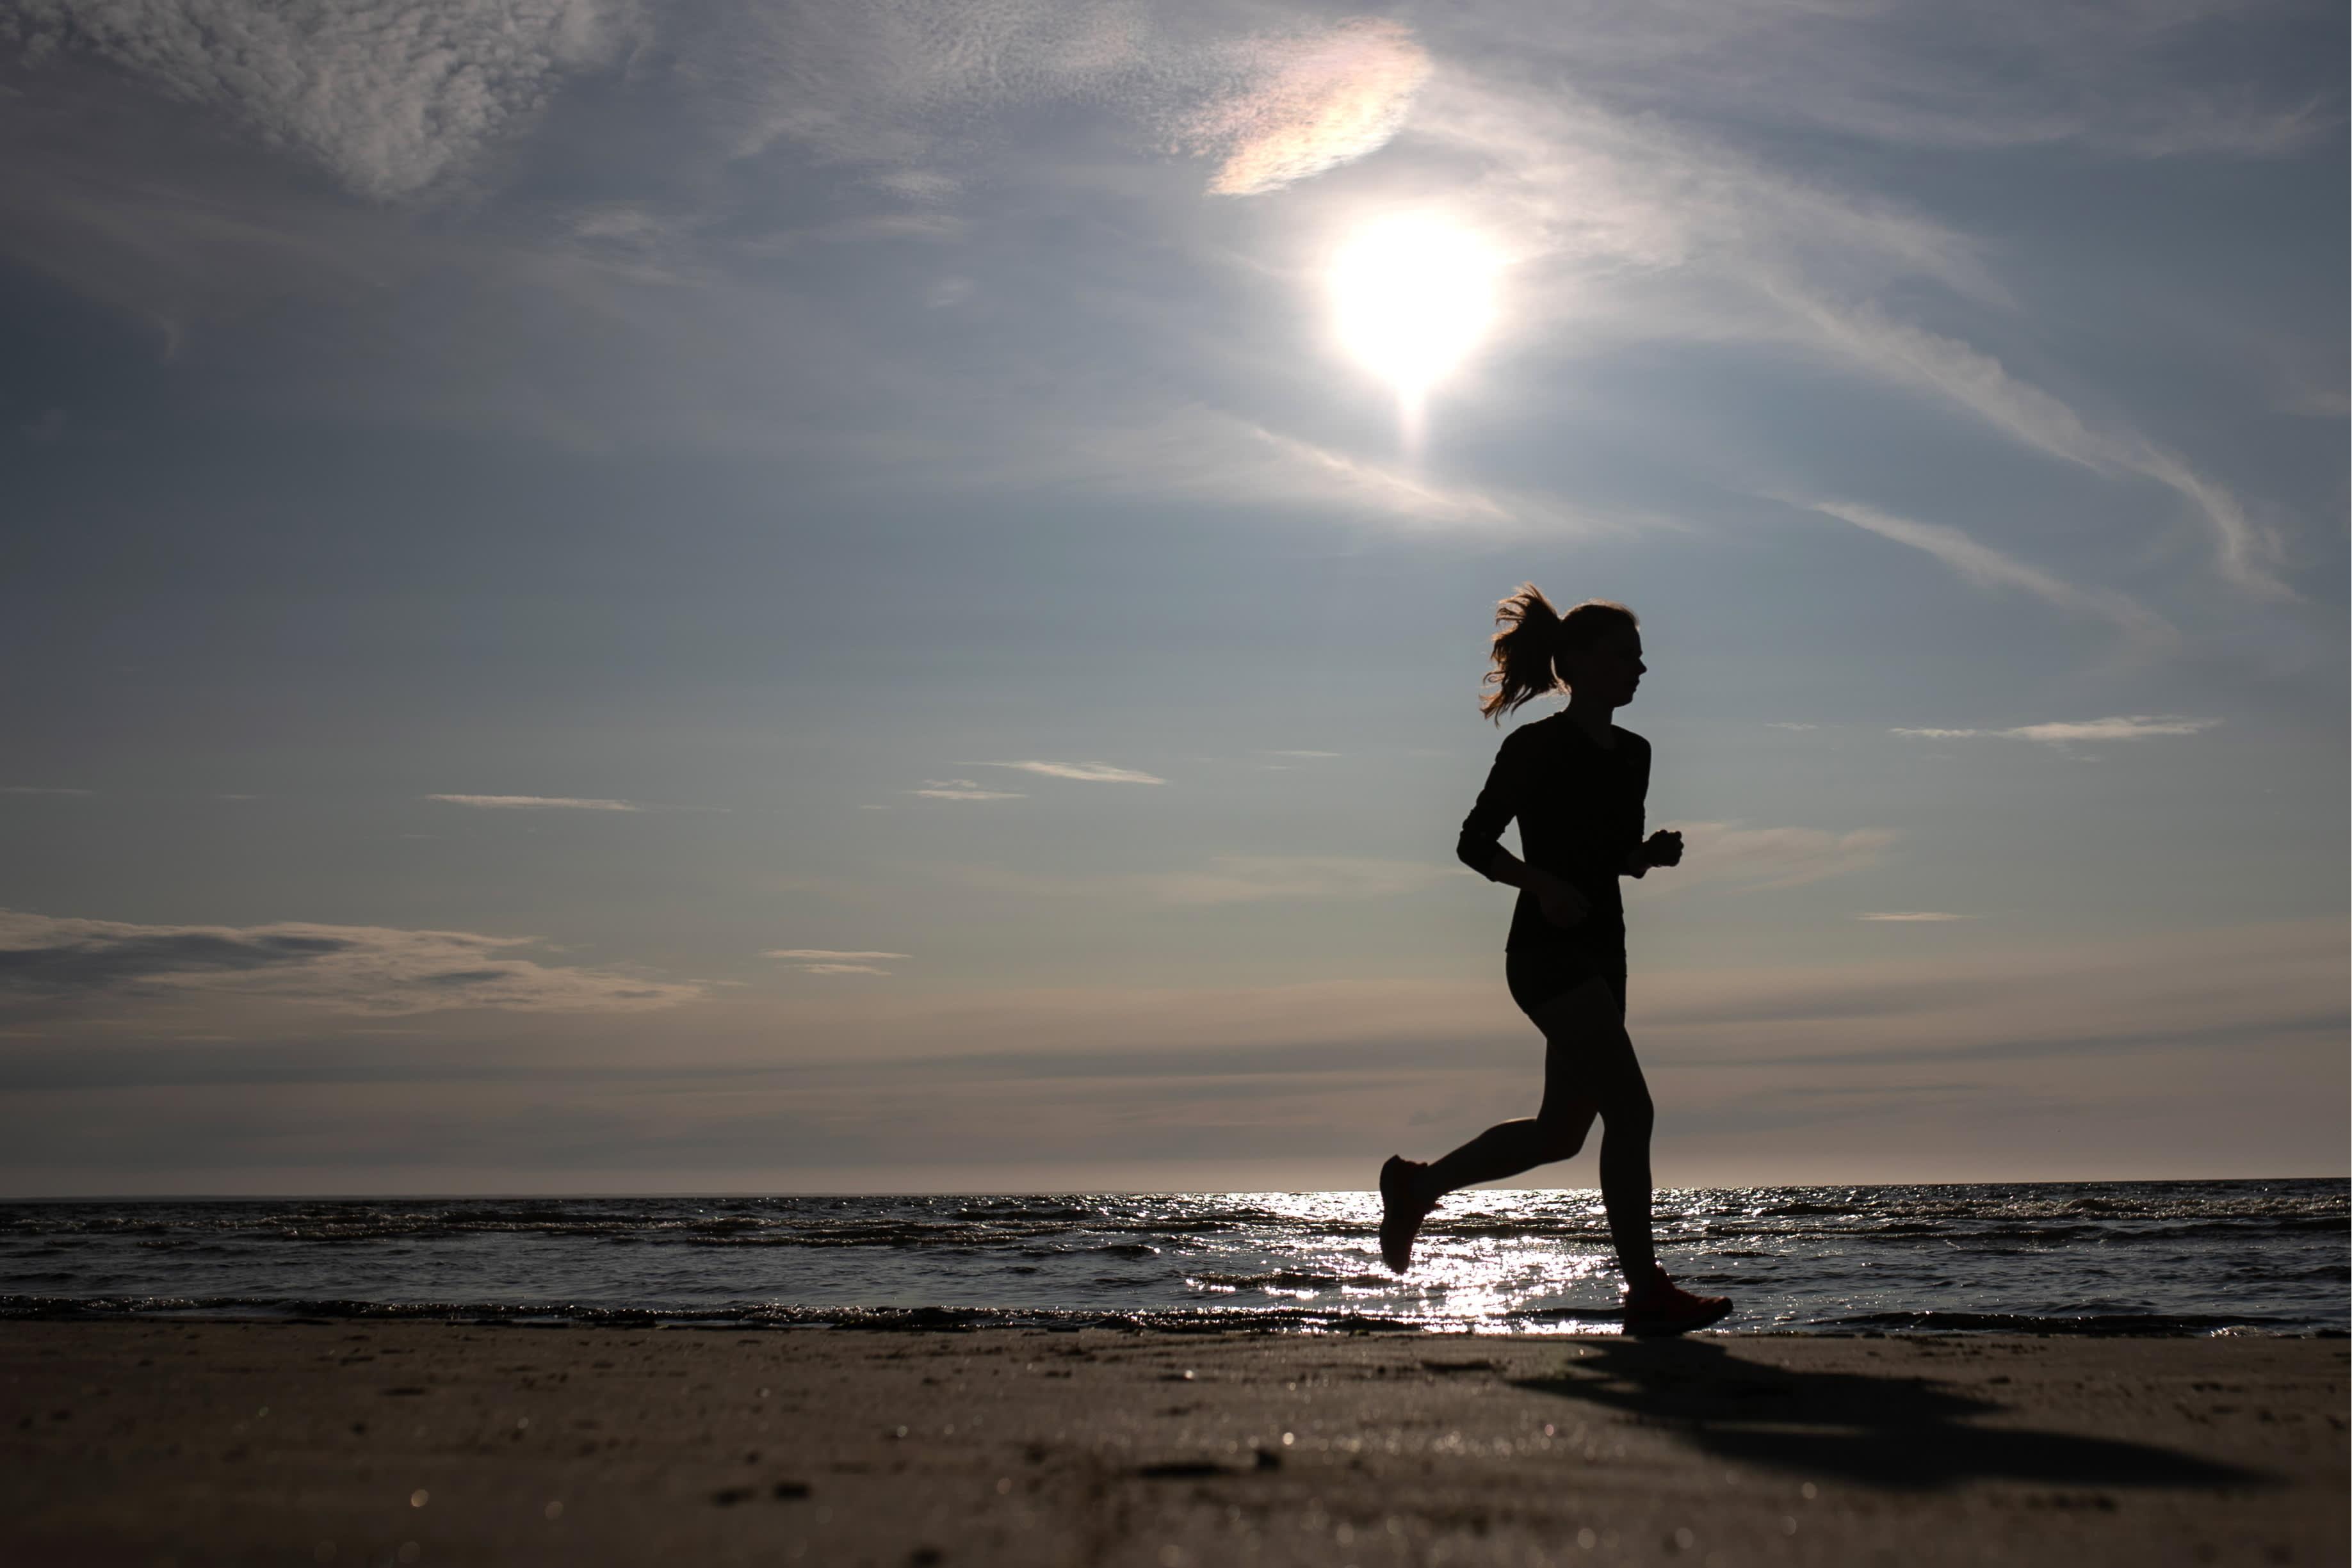 Anonyymi yleiskuva nainen juoksee rannalla